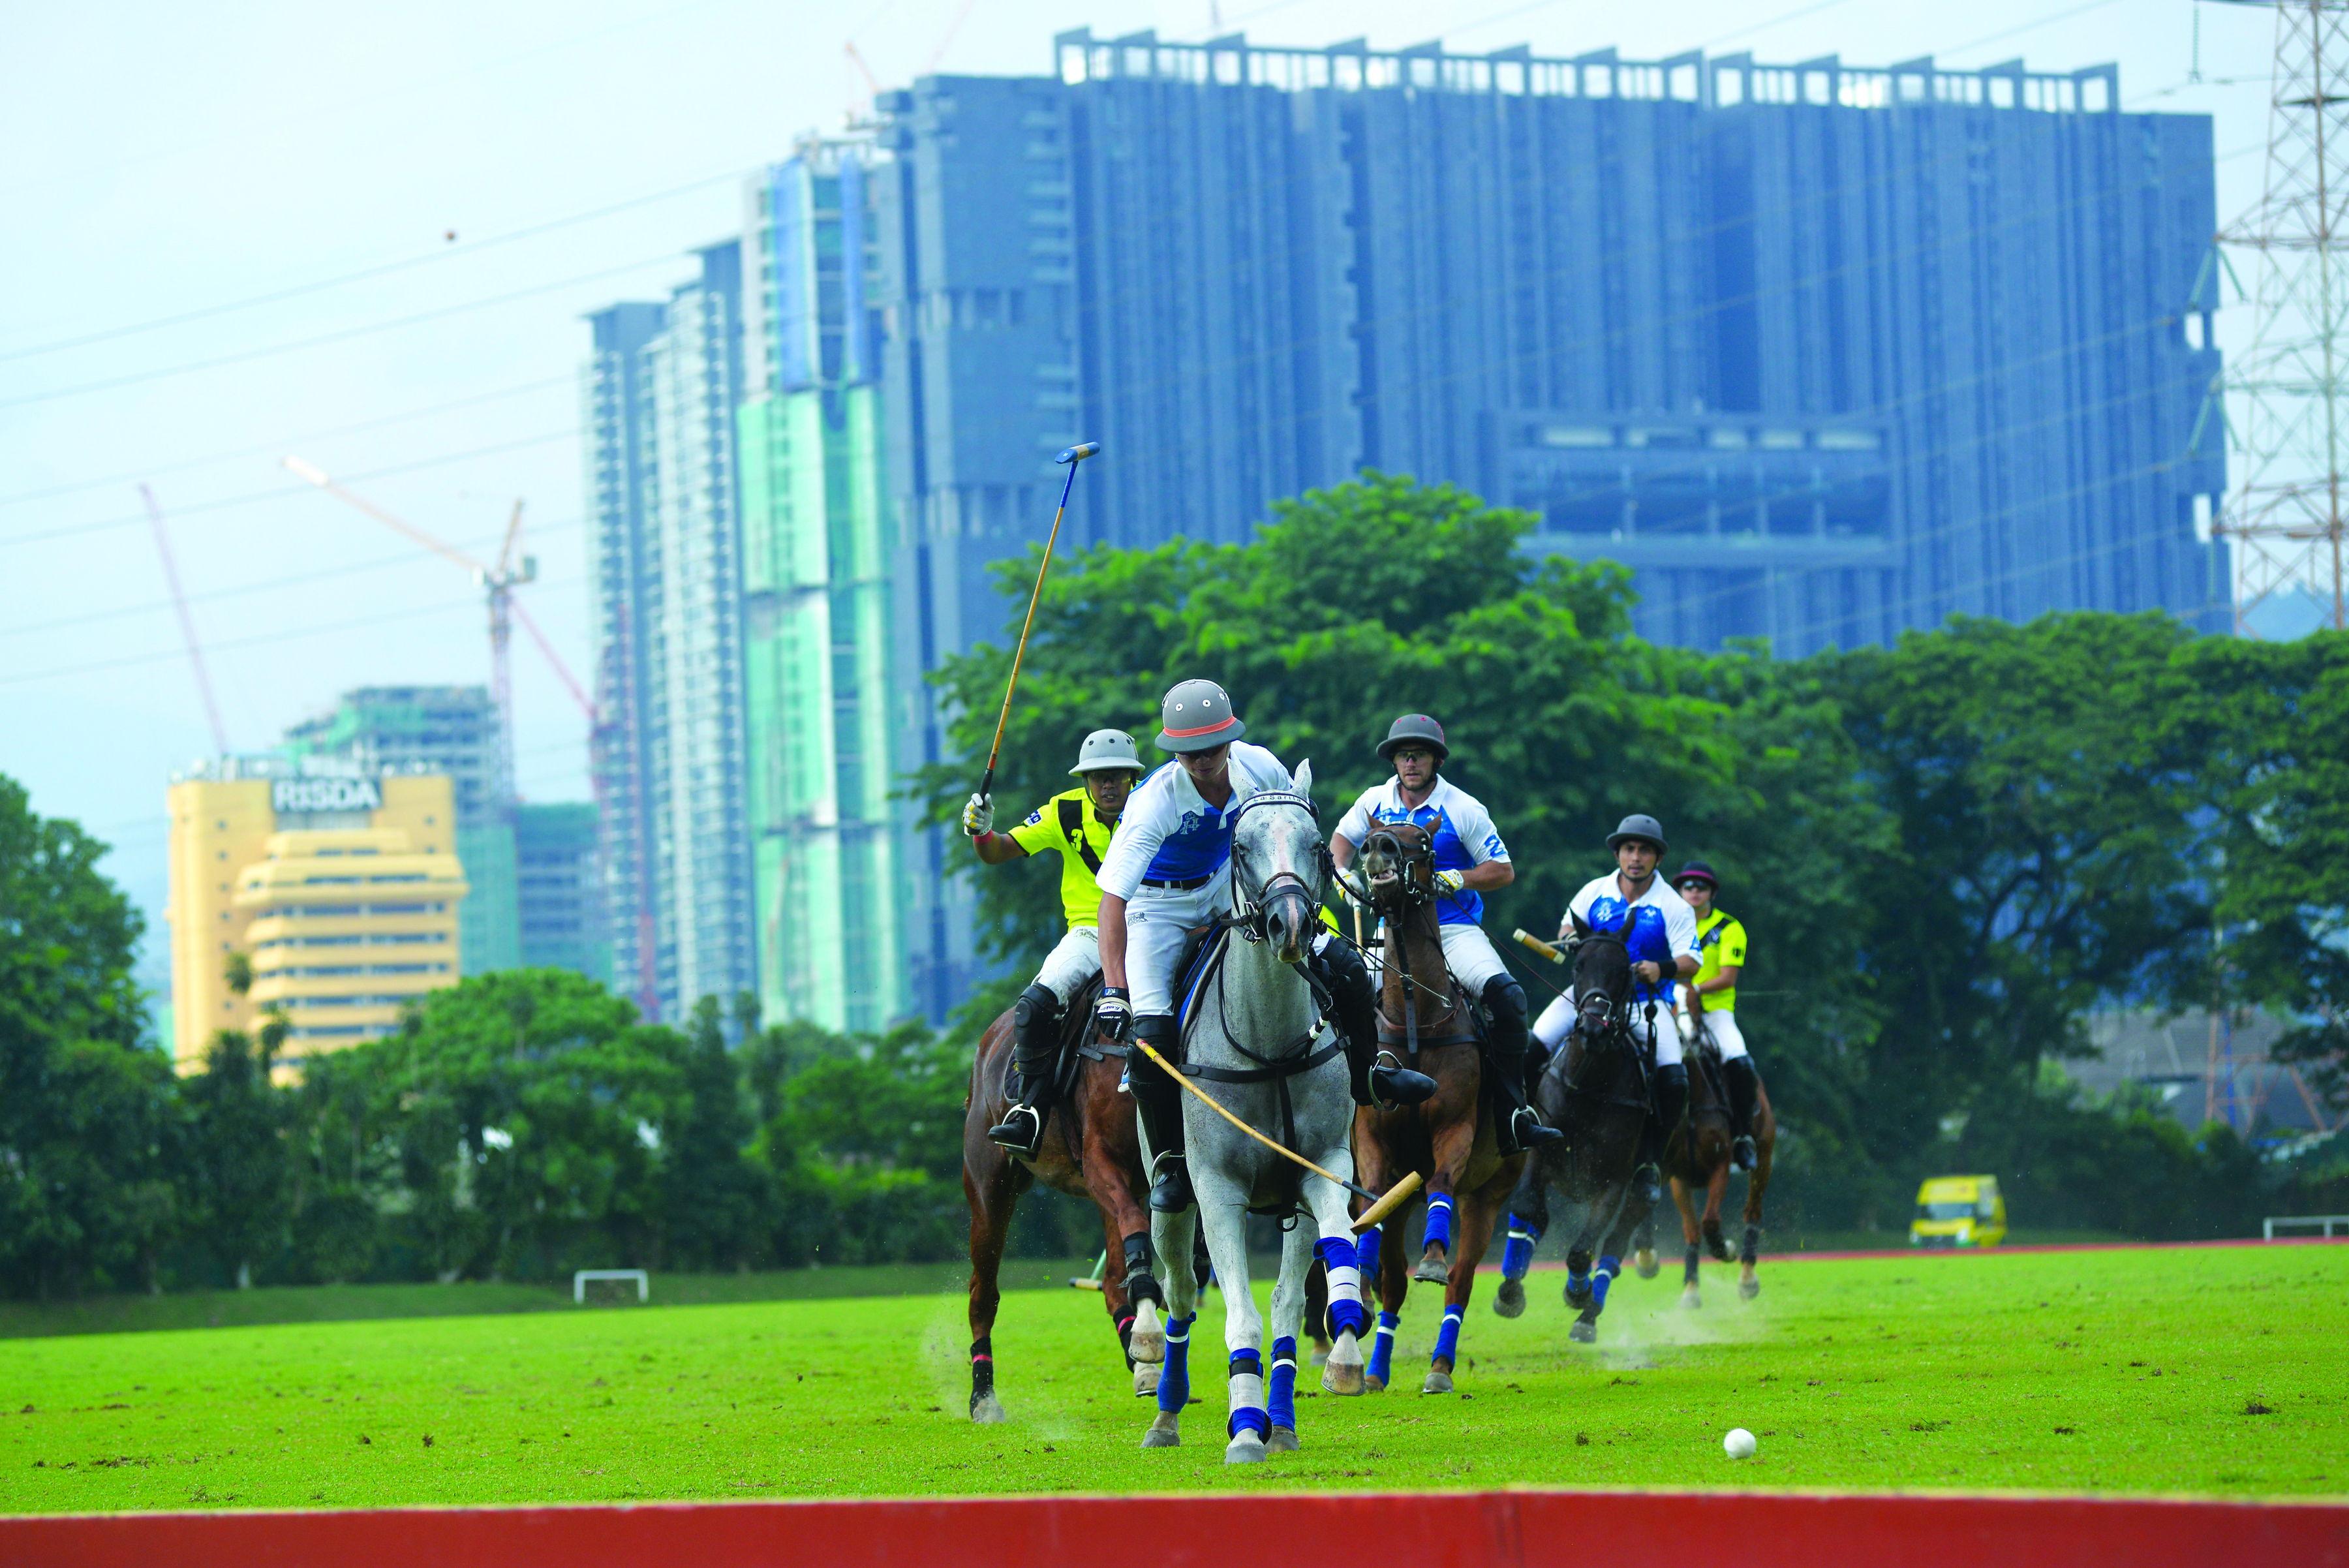 The Royal Pahang Polo